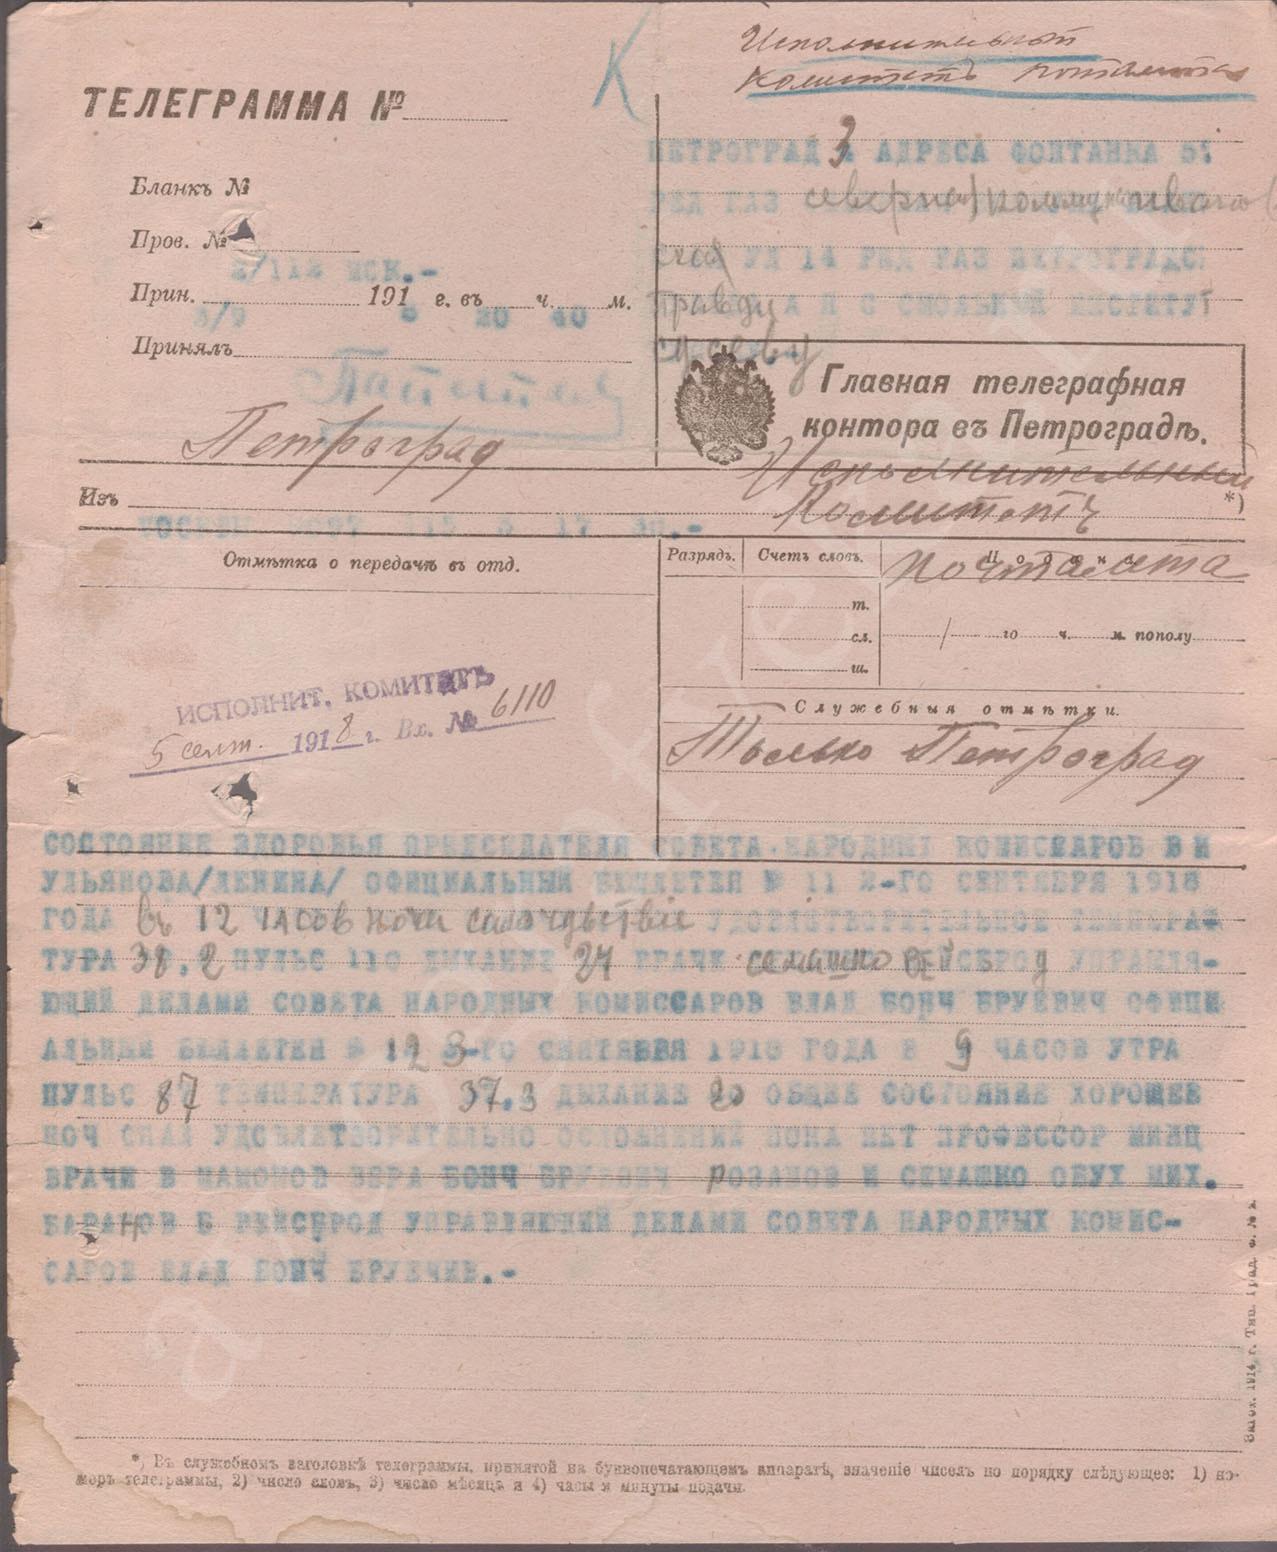 Ленин - телеграмма1W